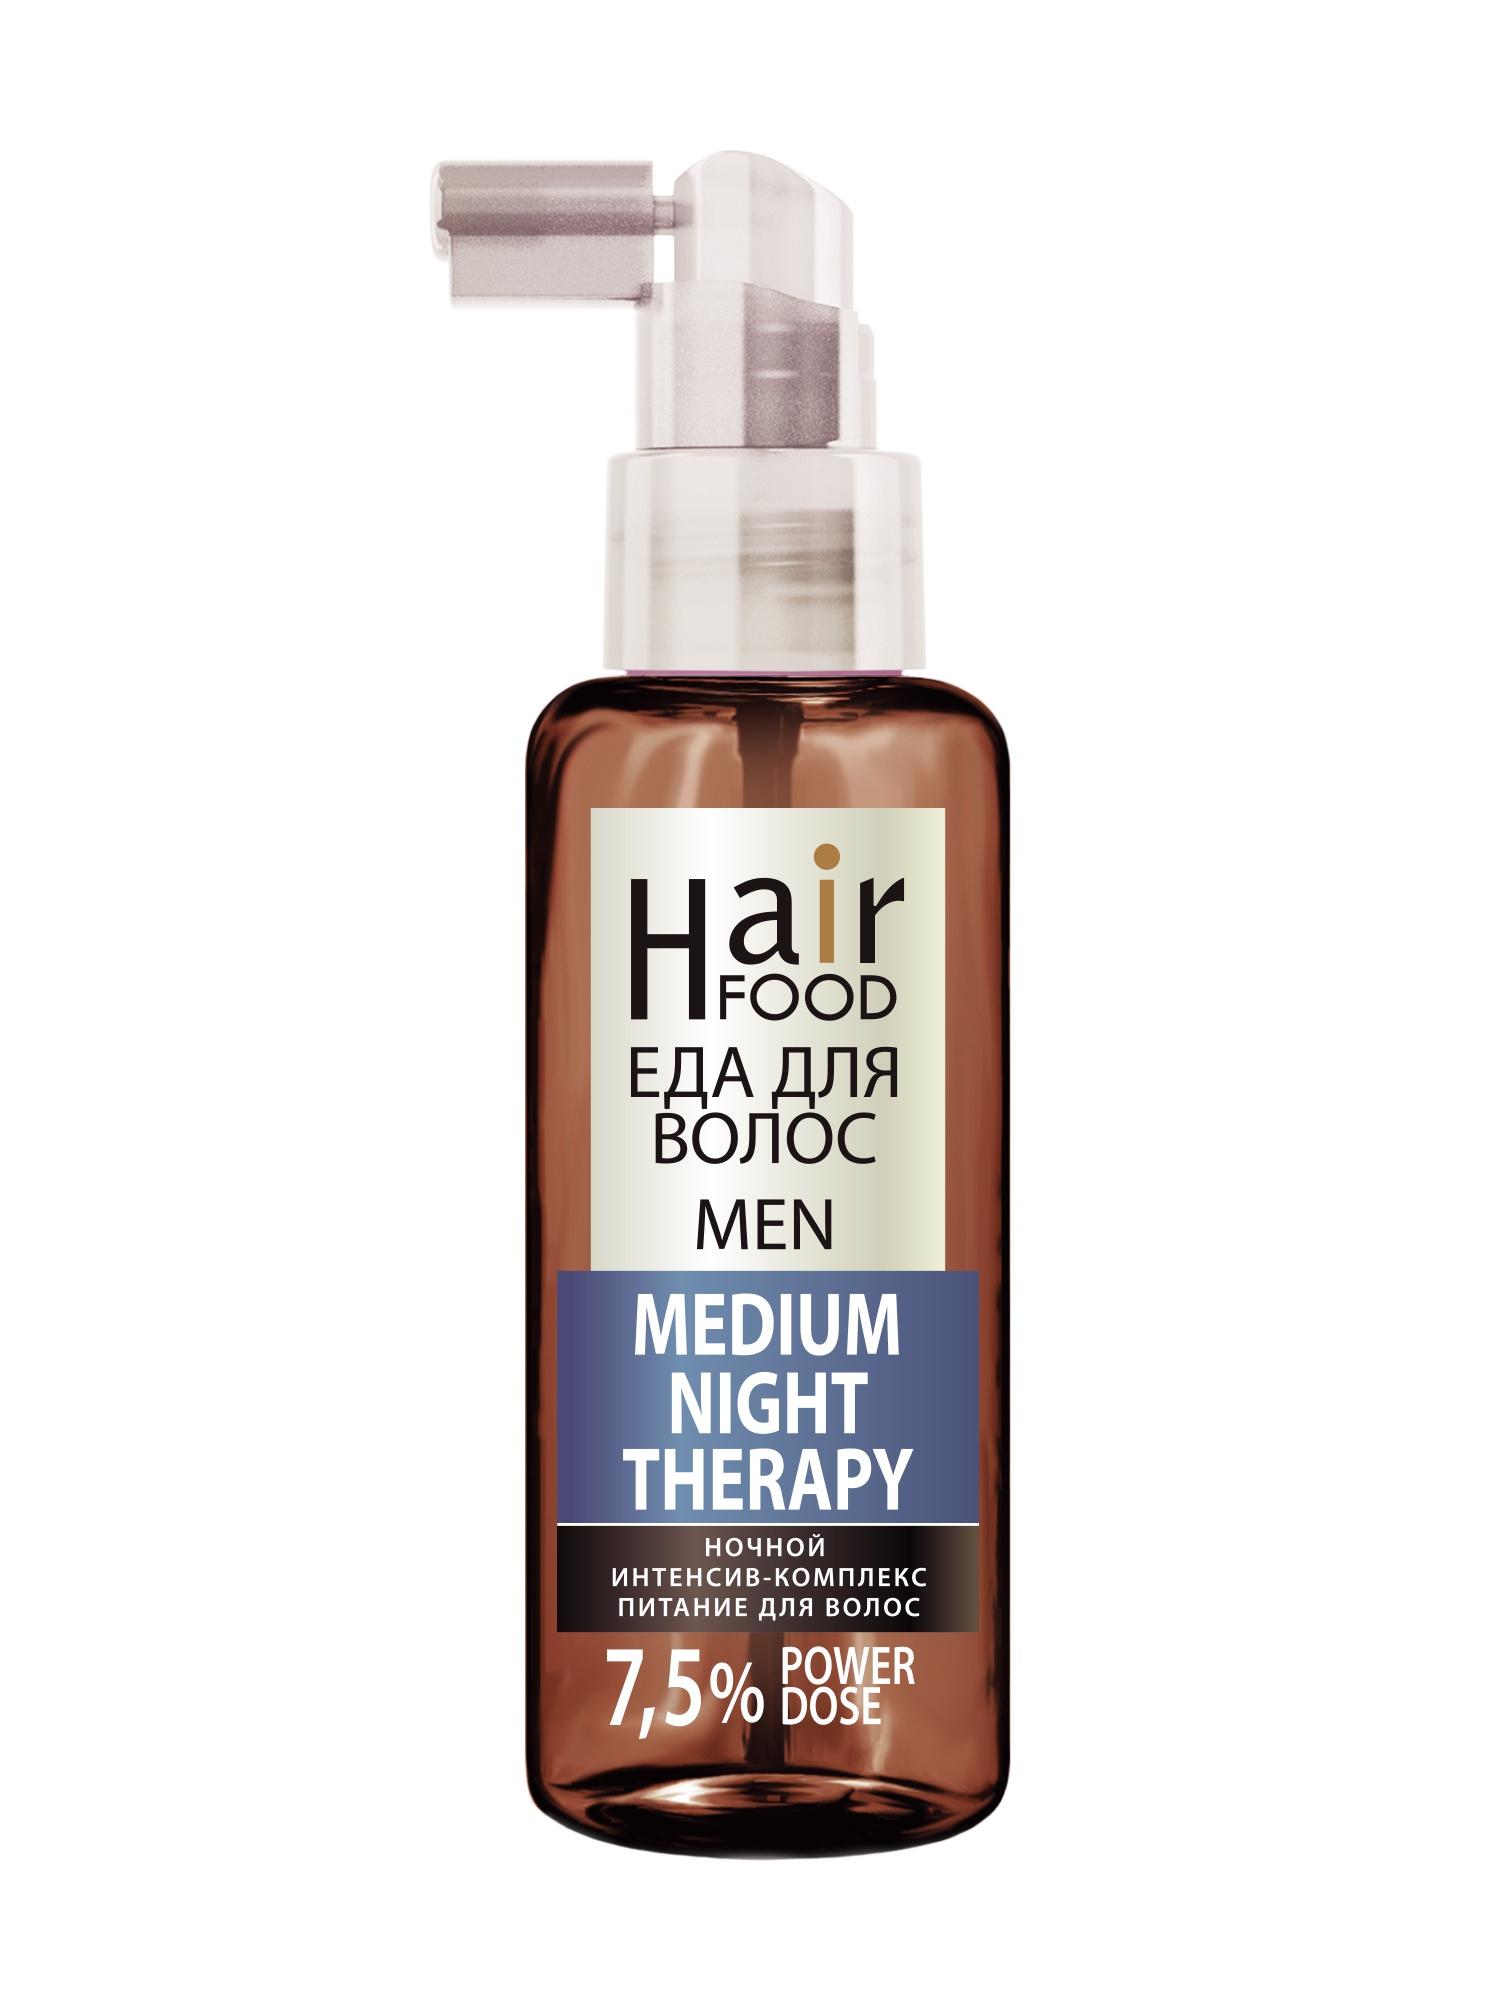 Средство для лечения кожи головы и волос HairFood Ночной Интенсив MEN NIGHT Therapy MEDIUM 7,5% средство для лечения кожи головы и волос hairfood дневной фиксатор густоты men medium 7 5